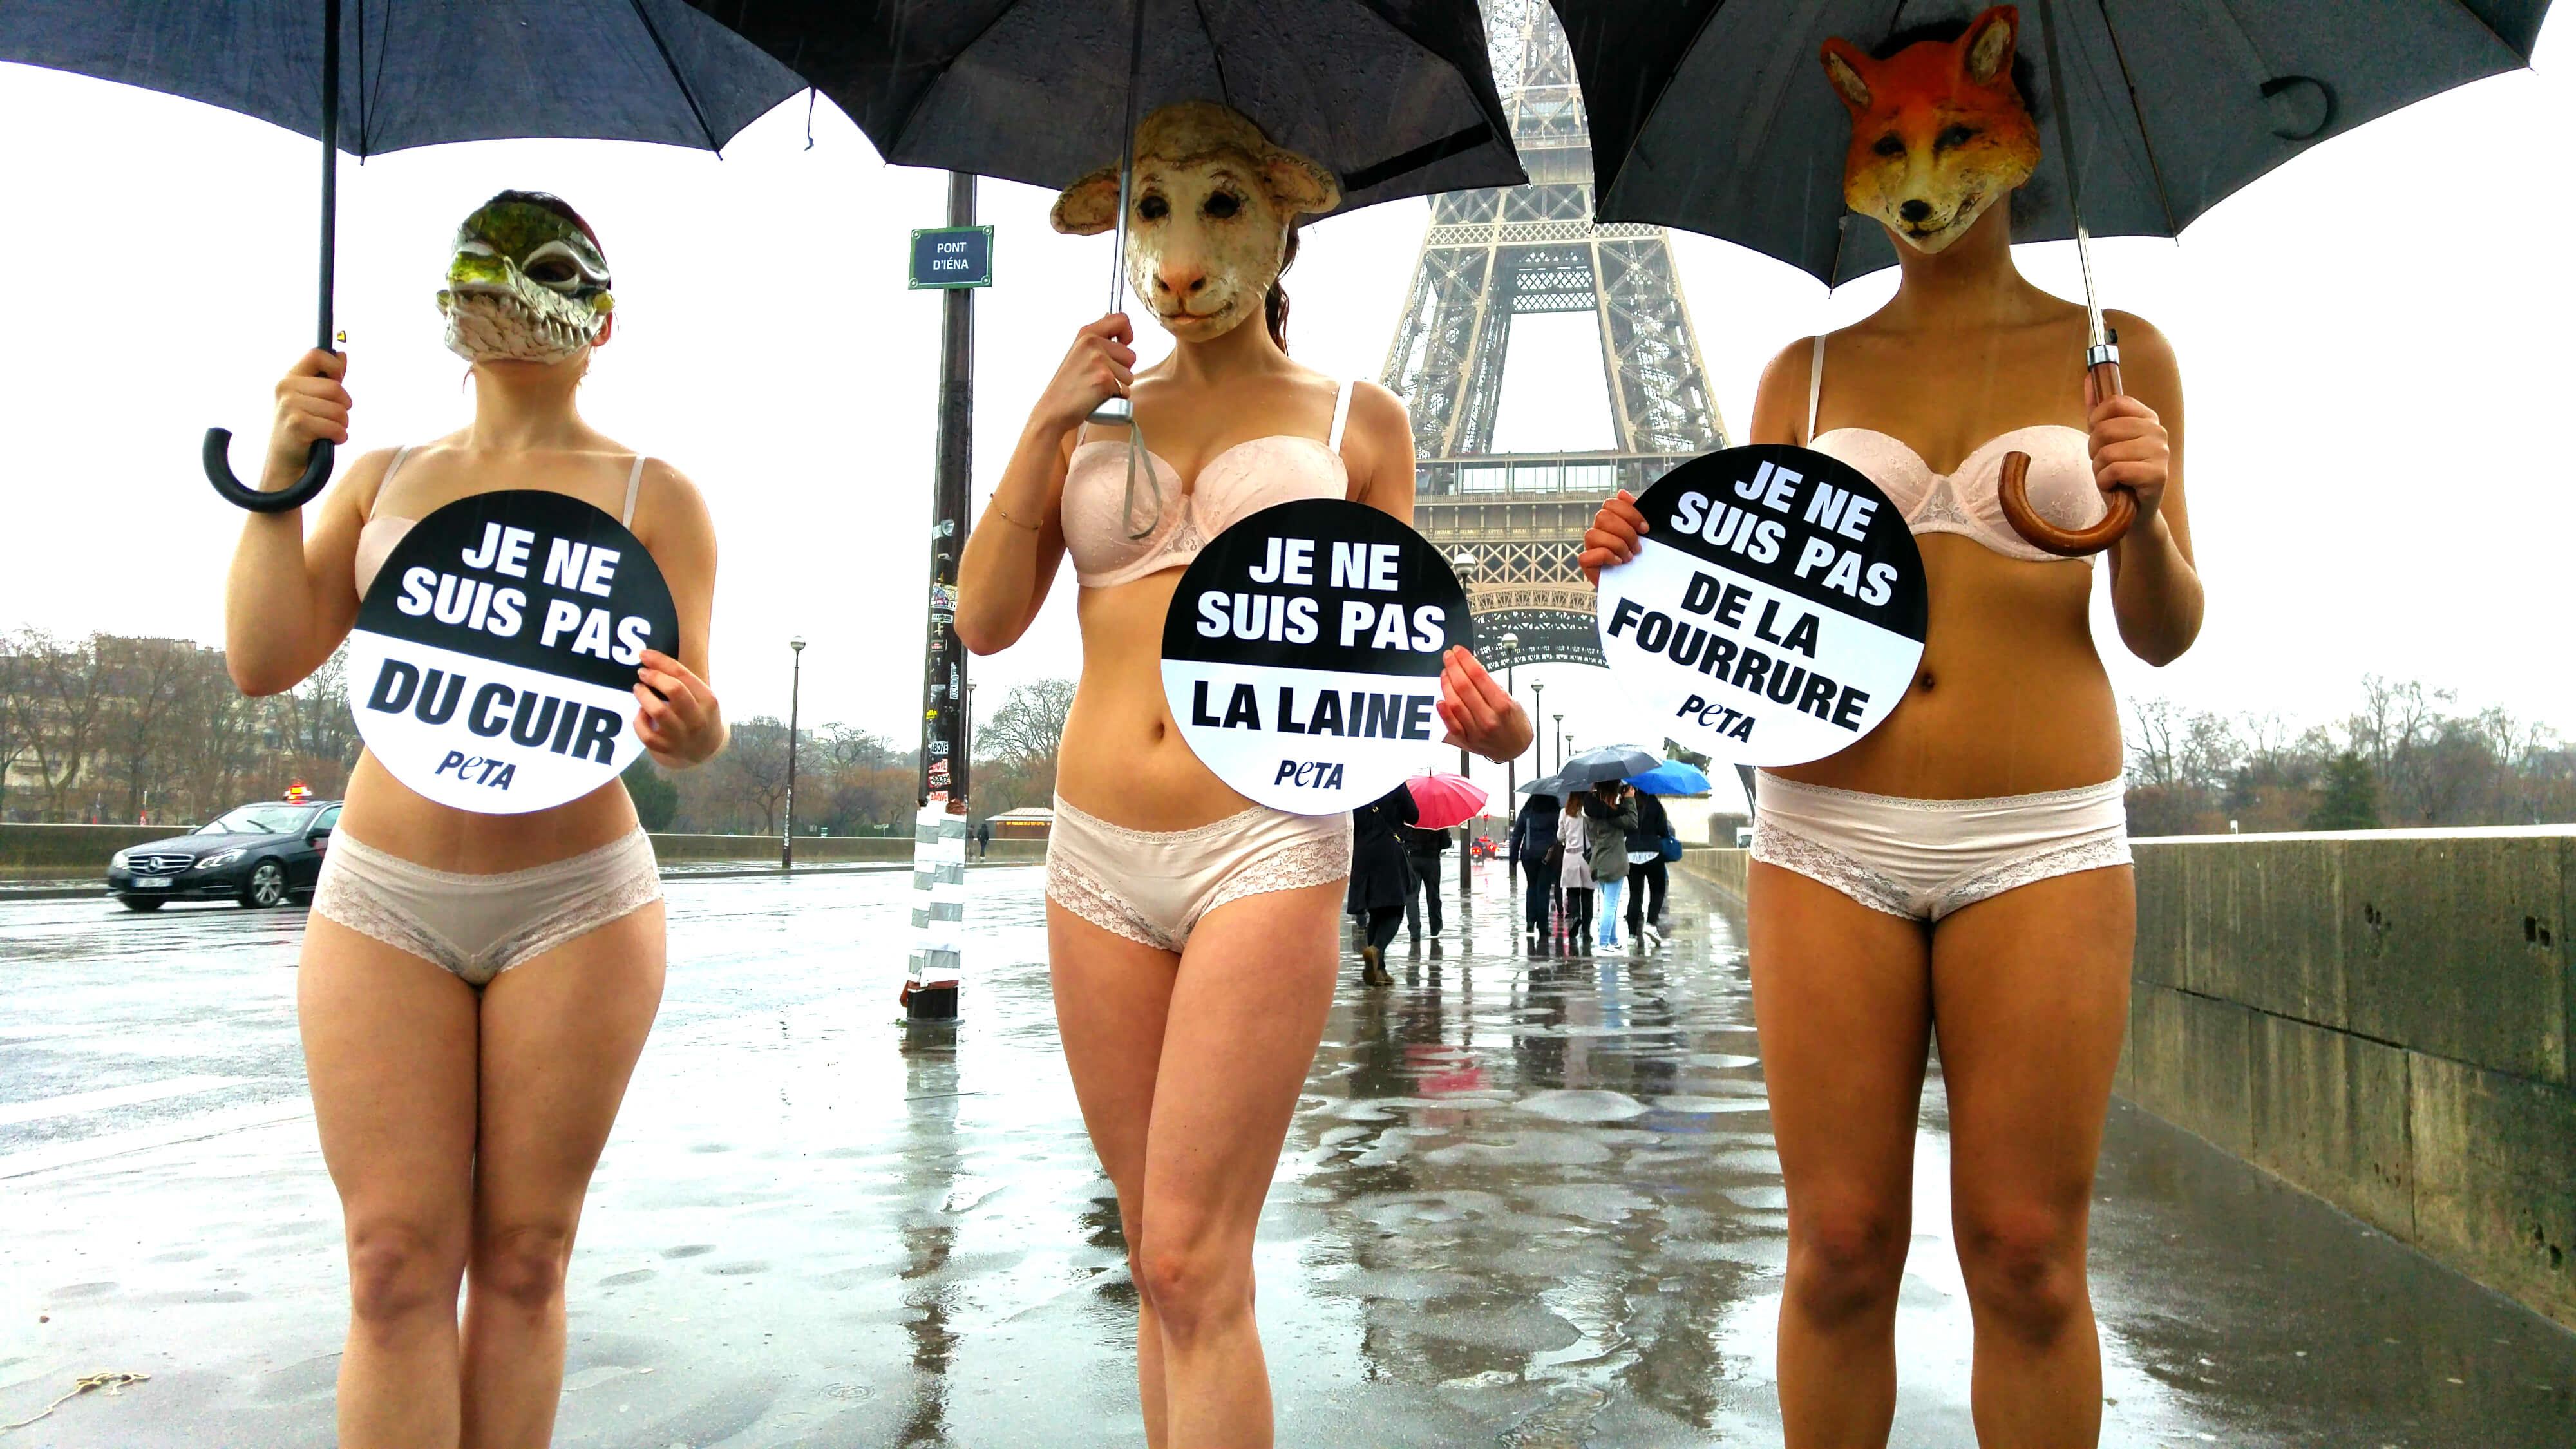 À Paris, des militantes de PETA protestent contre l'utilisation de peaux animales à la Fashion Week